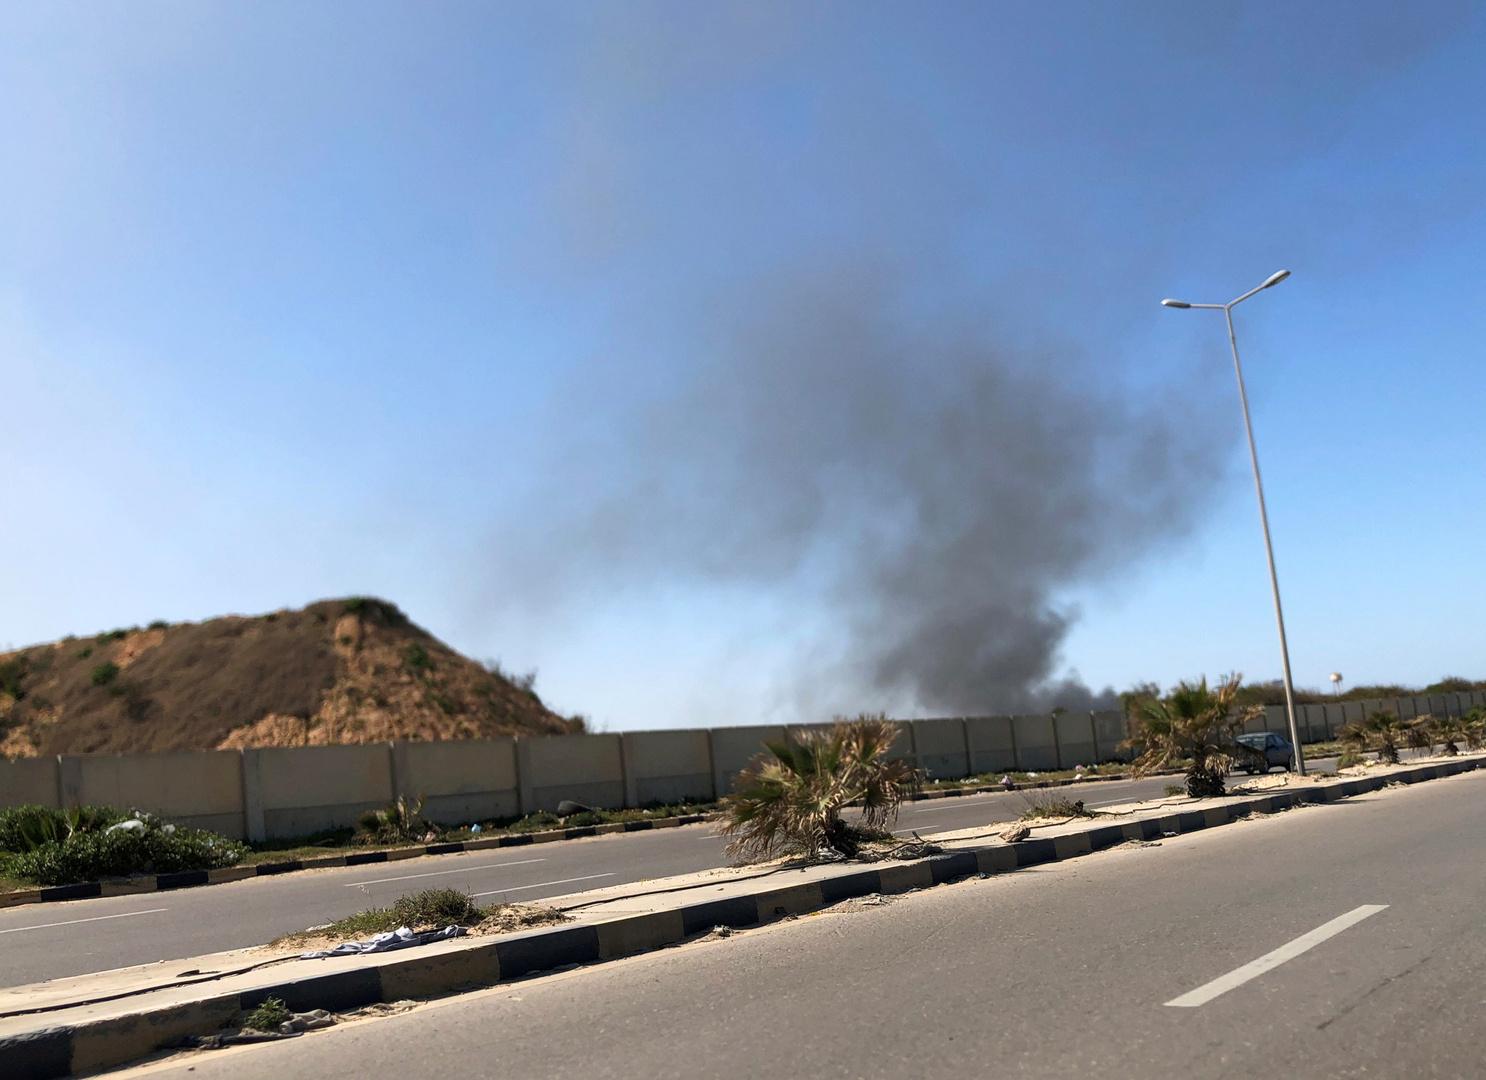 انتحاري على دراجة نارية يفجر نفسه قرب بوابة بالعاصمة الليبية طرابلس